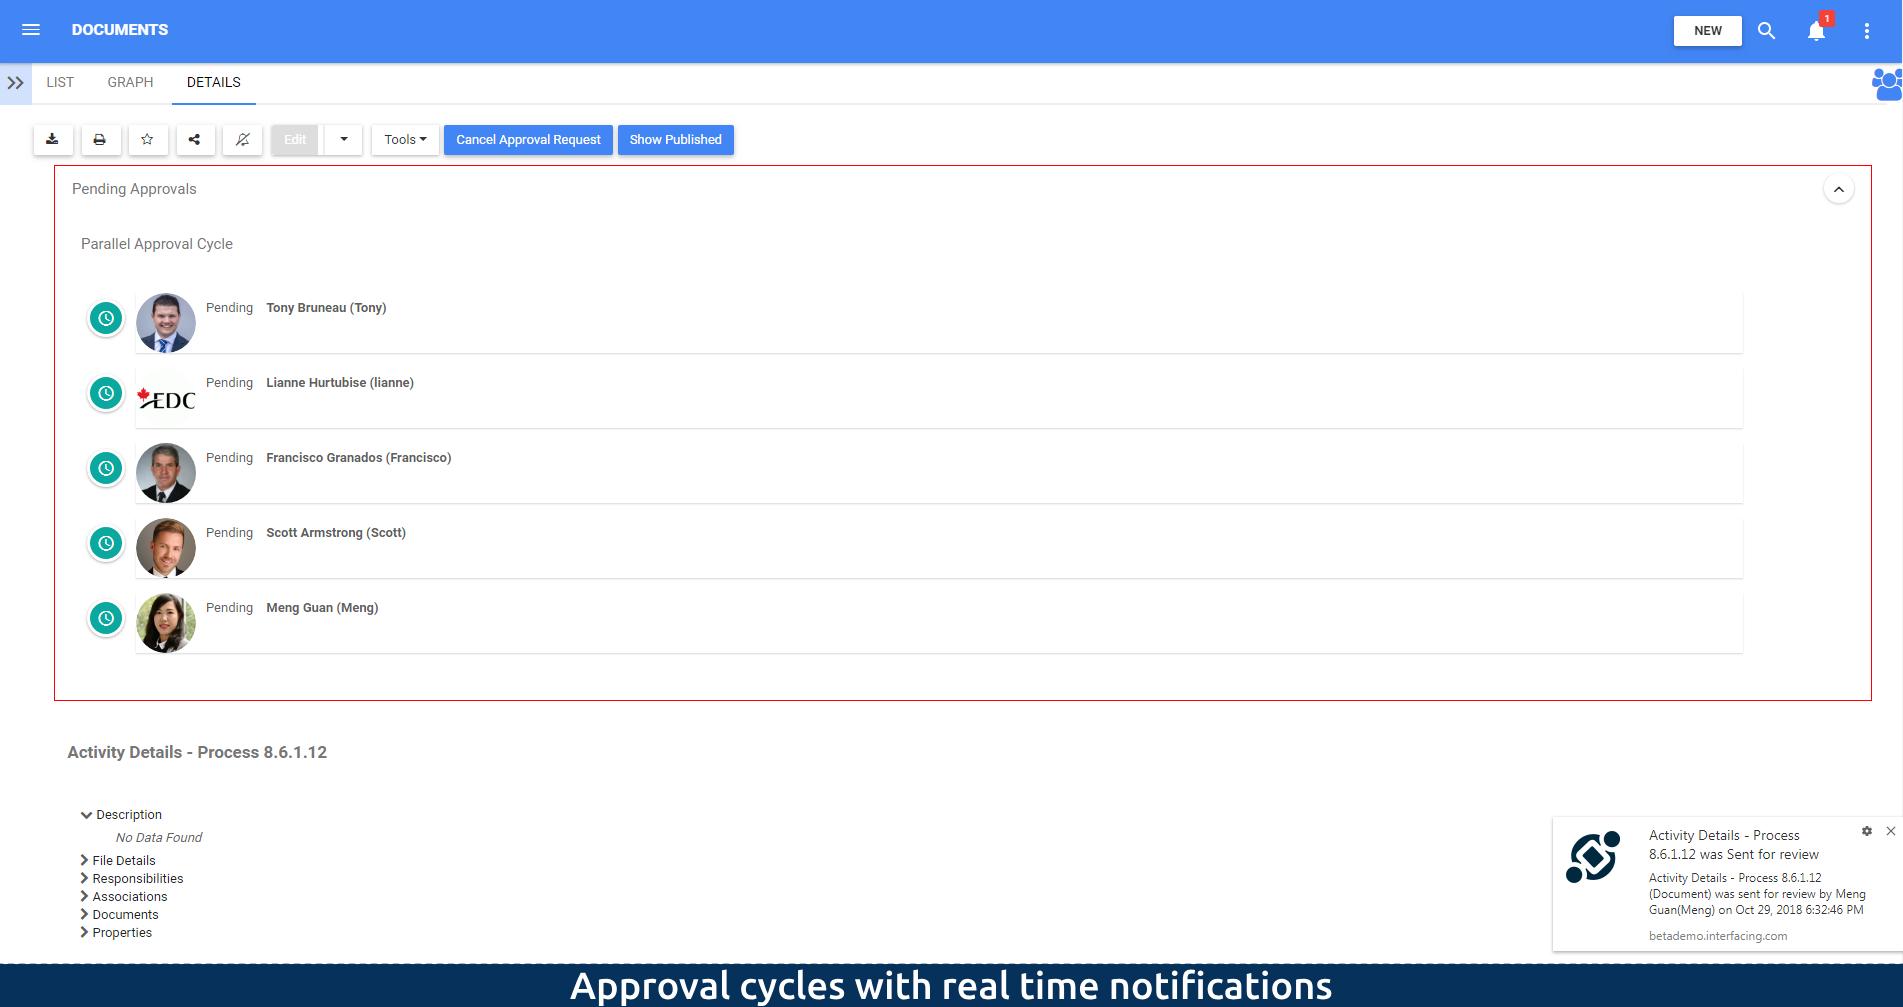 Ciclos de aprobación con notificaciones